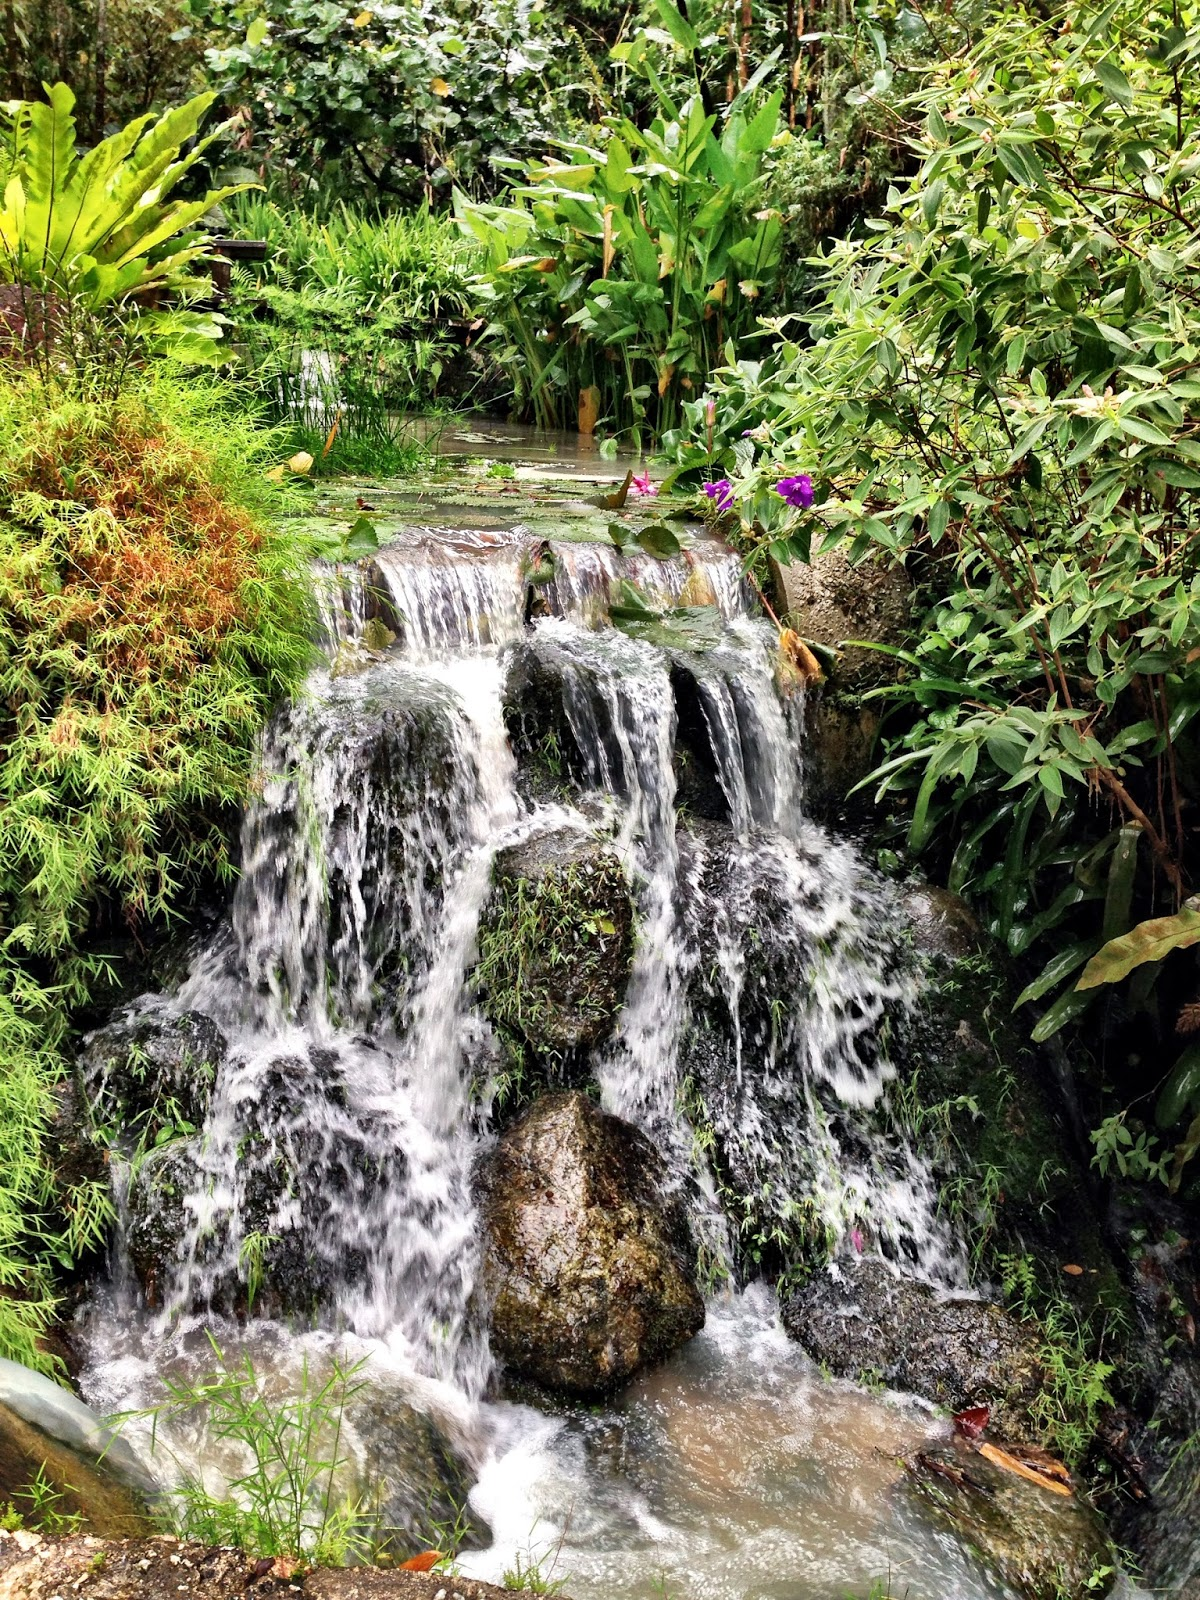 The Tropical Spice Garden Lone Crag Villa Lot 595 Mukim 2 Jalan Teluk Bahang 11100 Penang Malaysia